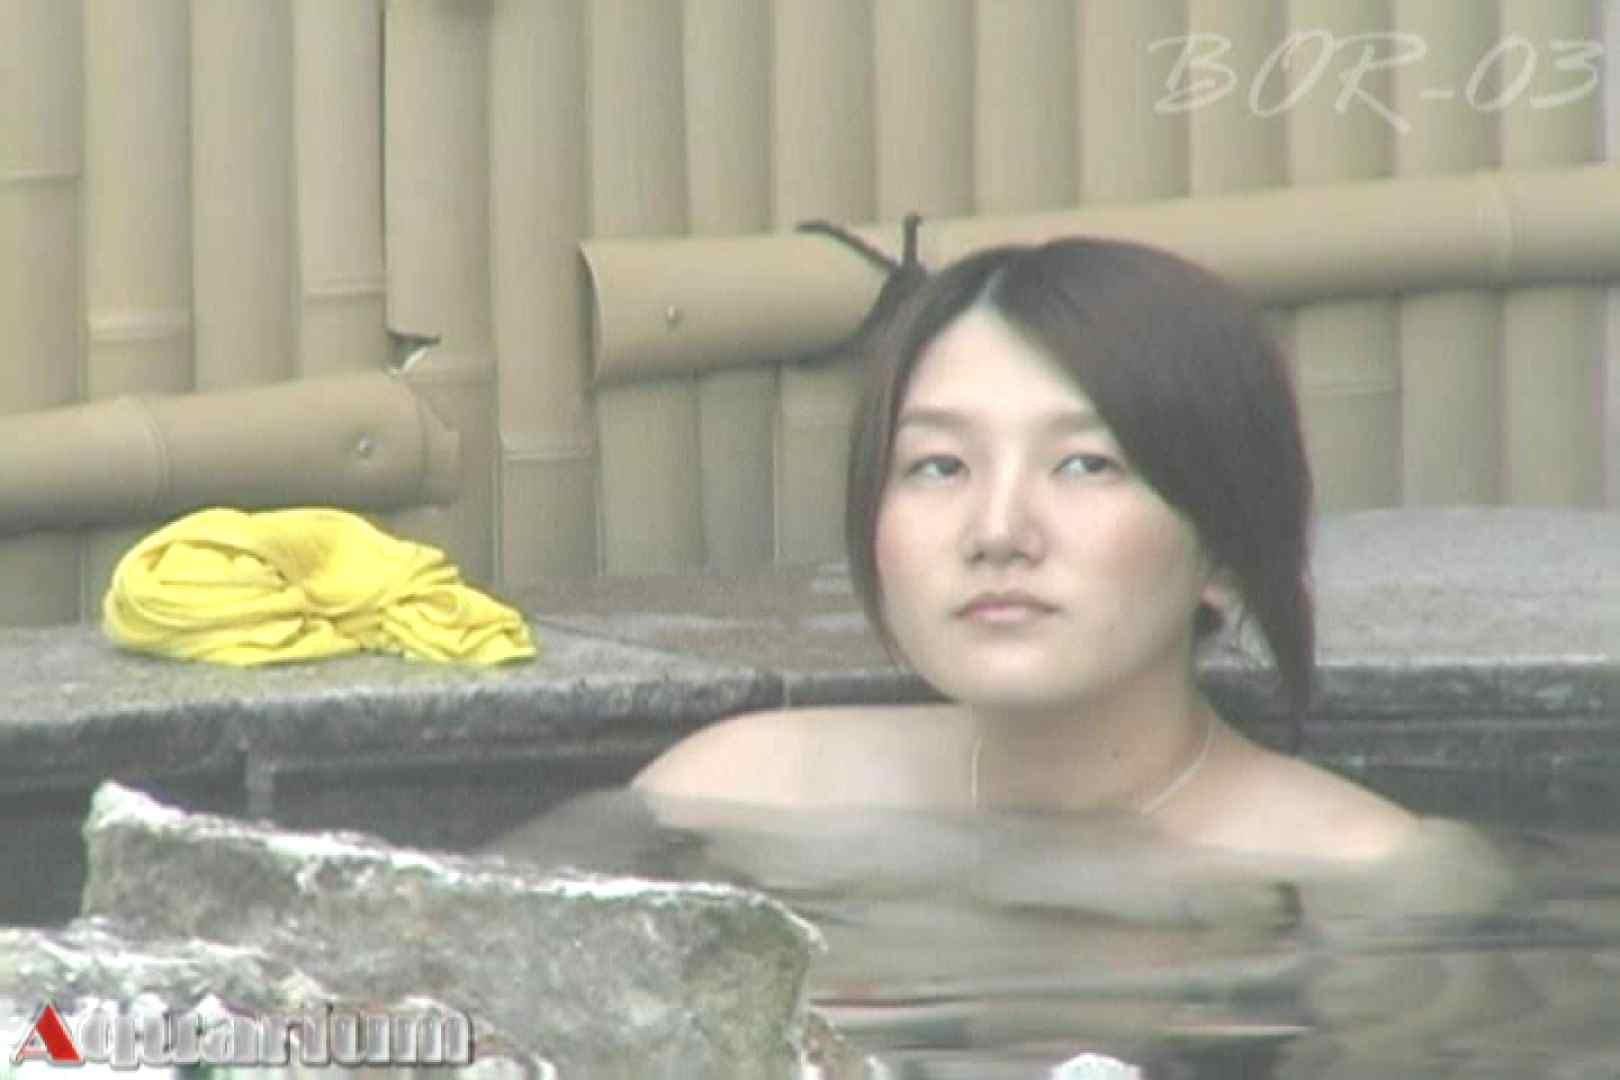 Aquaな露天風呂Vol.487 OLのエロ生活  95連発 45